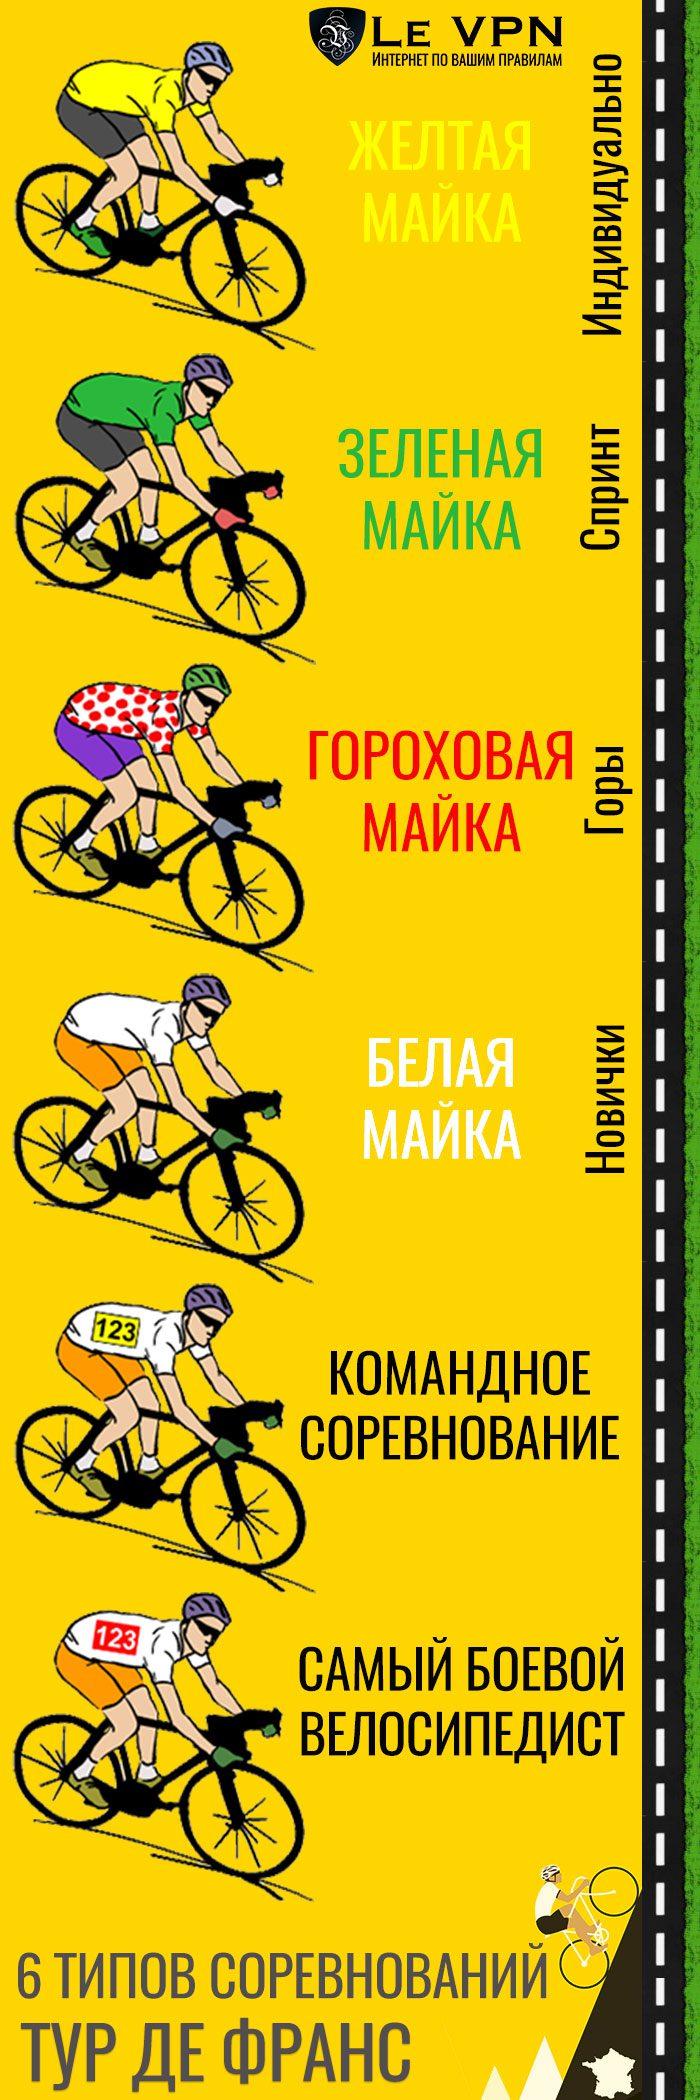 Как смотреть Тур де Франс онлайн в прямом эфире | Как смотреть Тур де Франс в прямом эфире | Le VPN